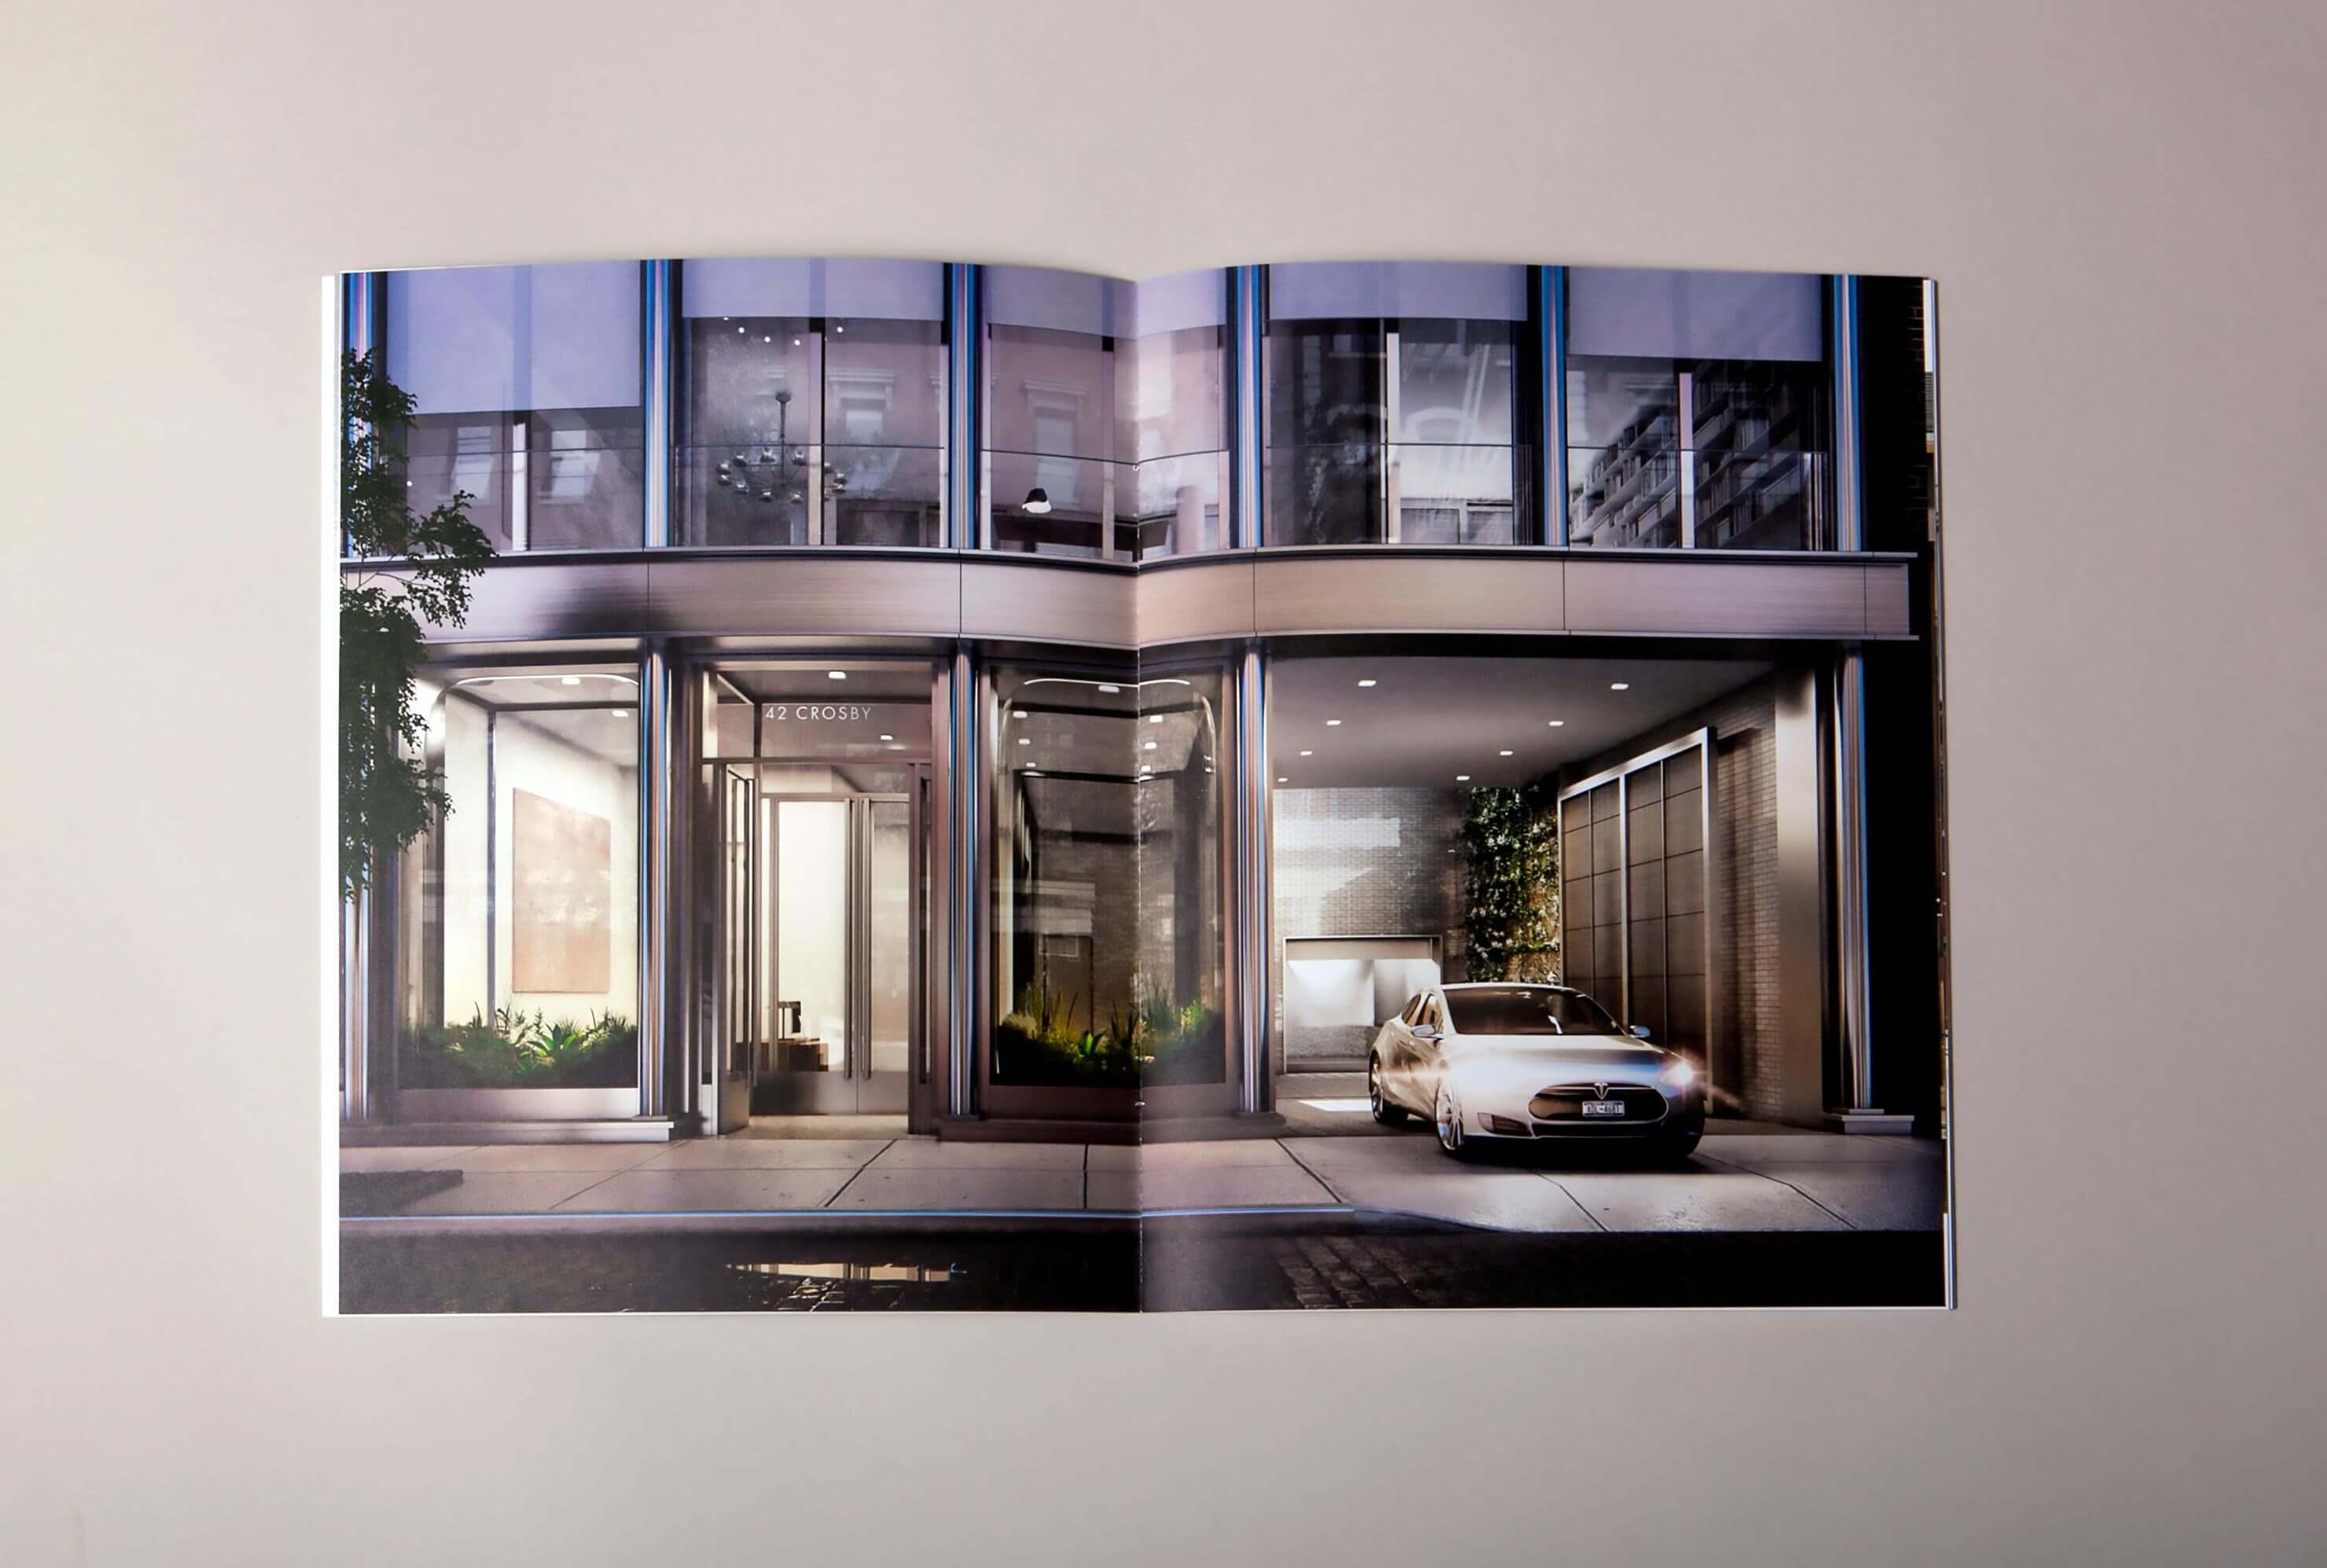 42-crosby-brochure-4